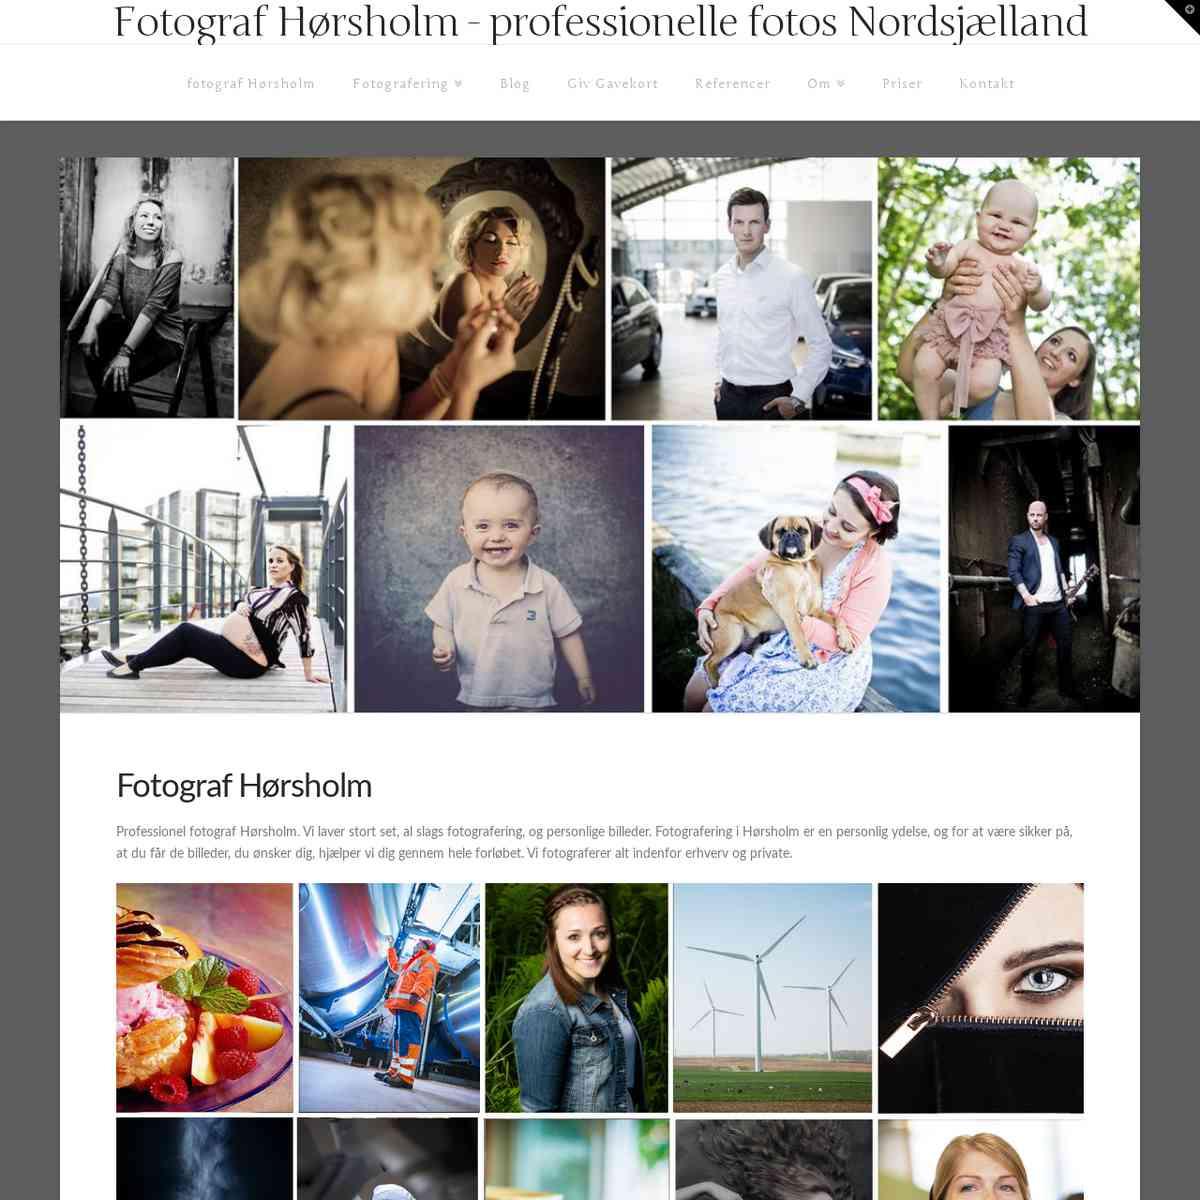 Fotograf Hørsholm